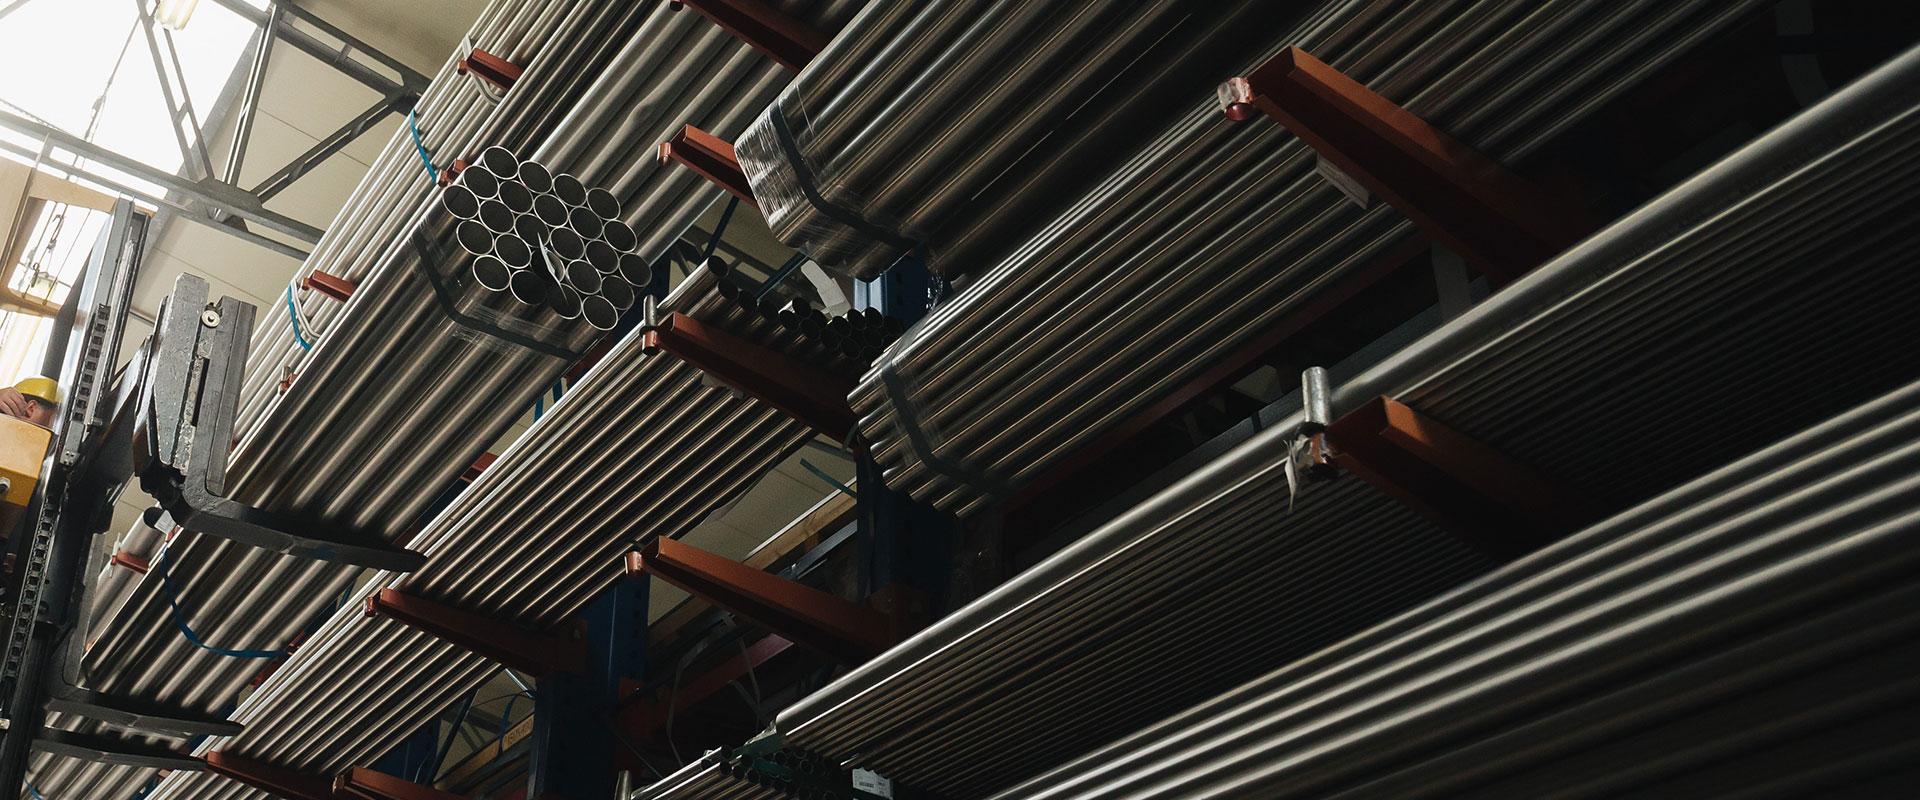 tubi inox - tecnoacciai vendita acciaio inox, siderurgica, acciai per industria meccanica, impiantistica